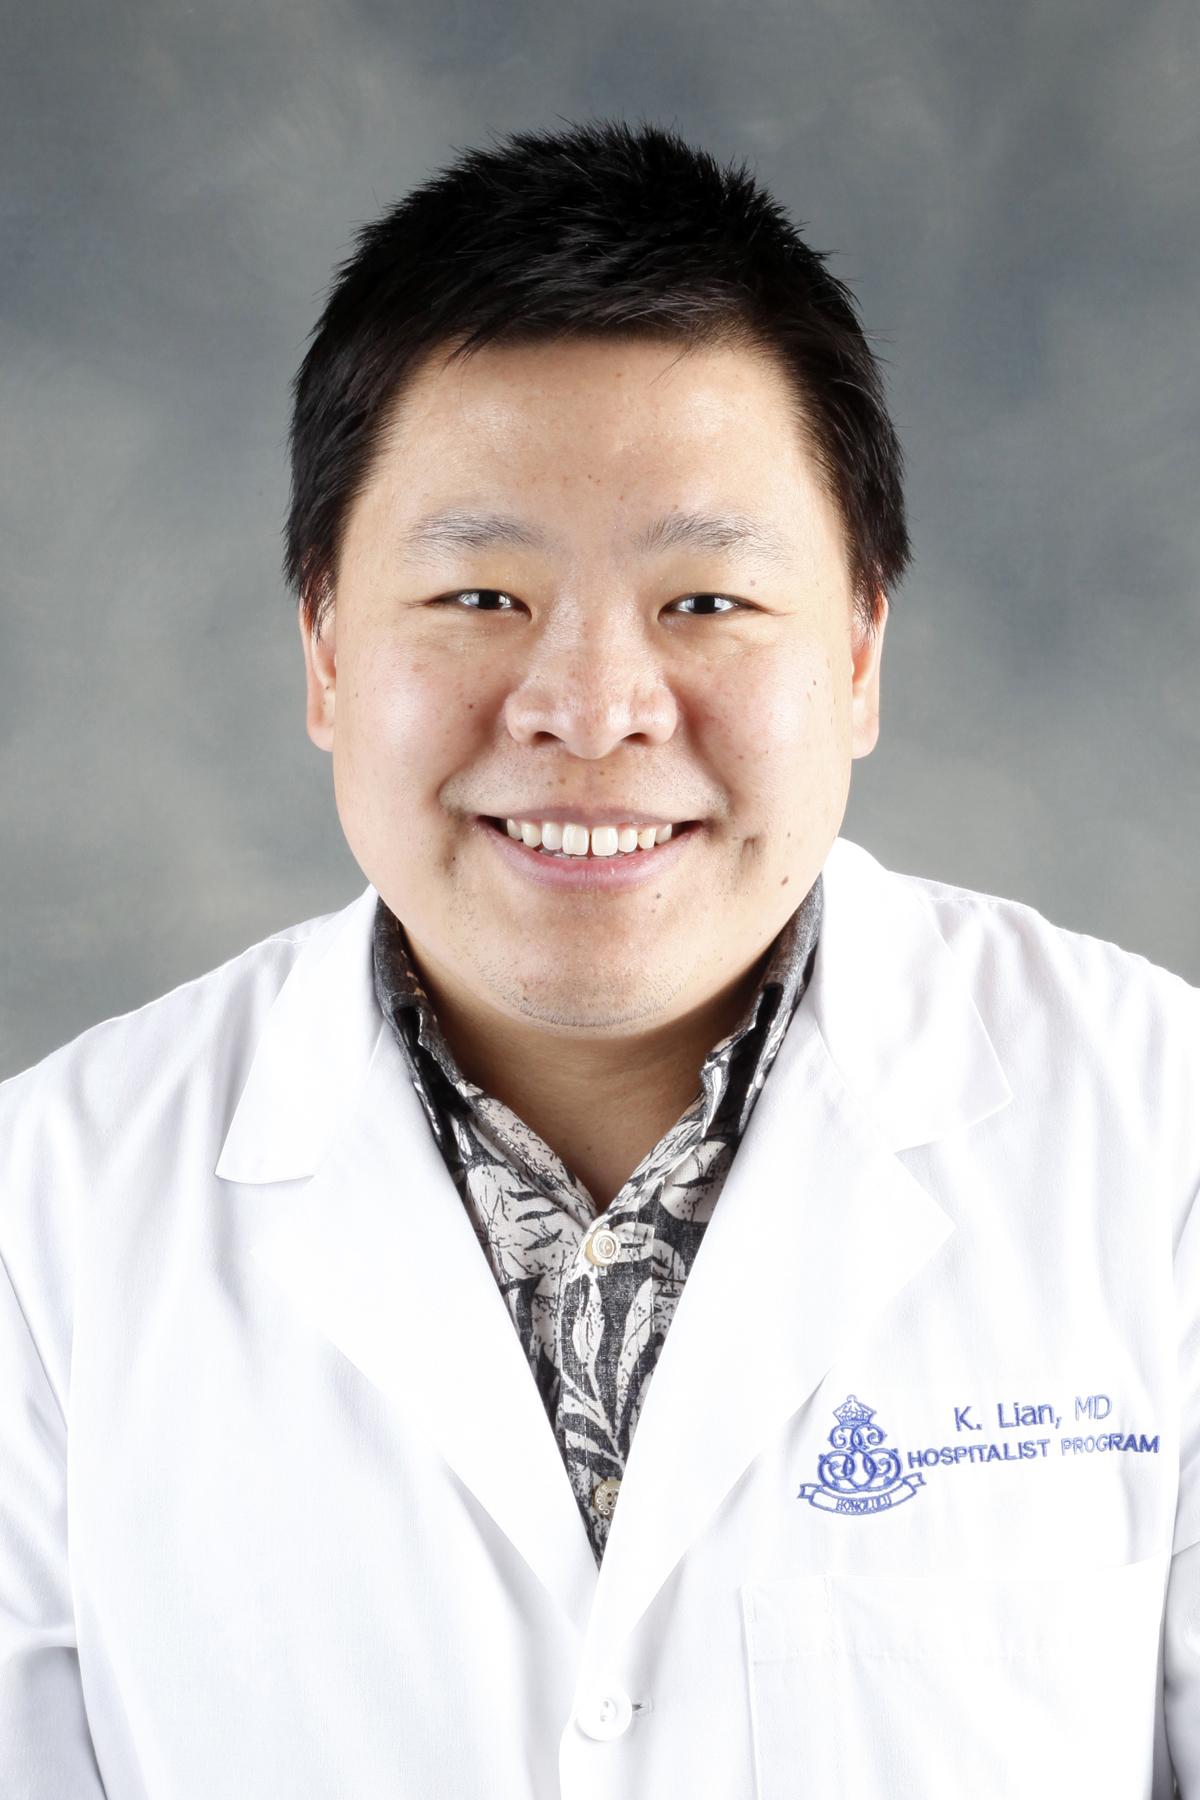 Kuo-Chiang Lian, M.D.